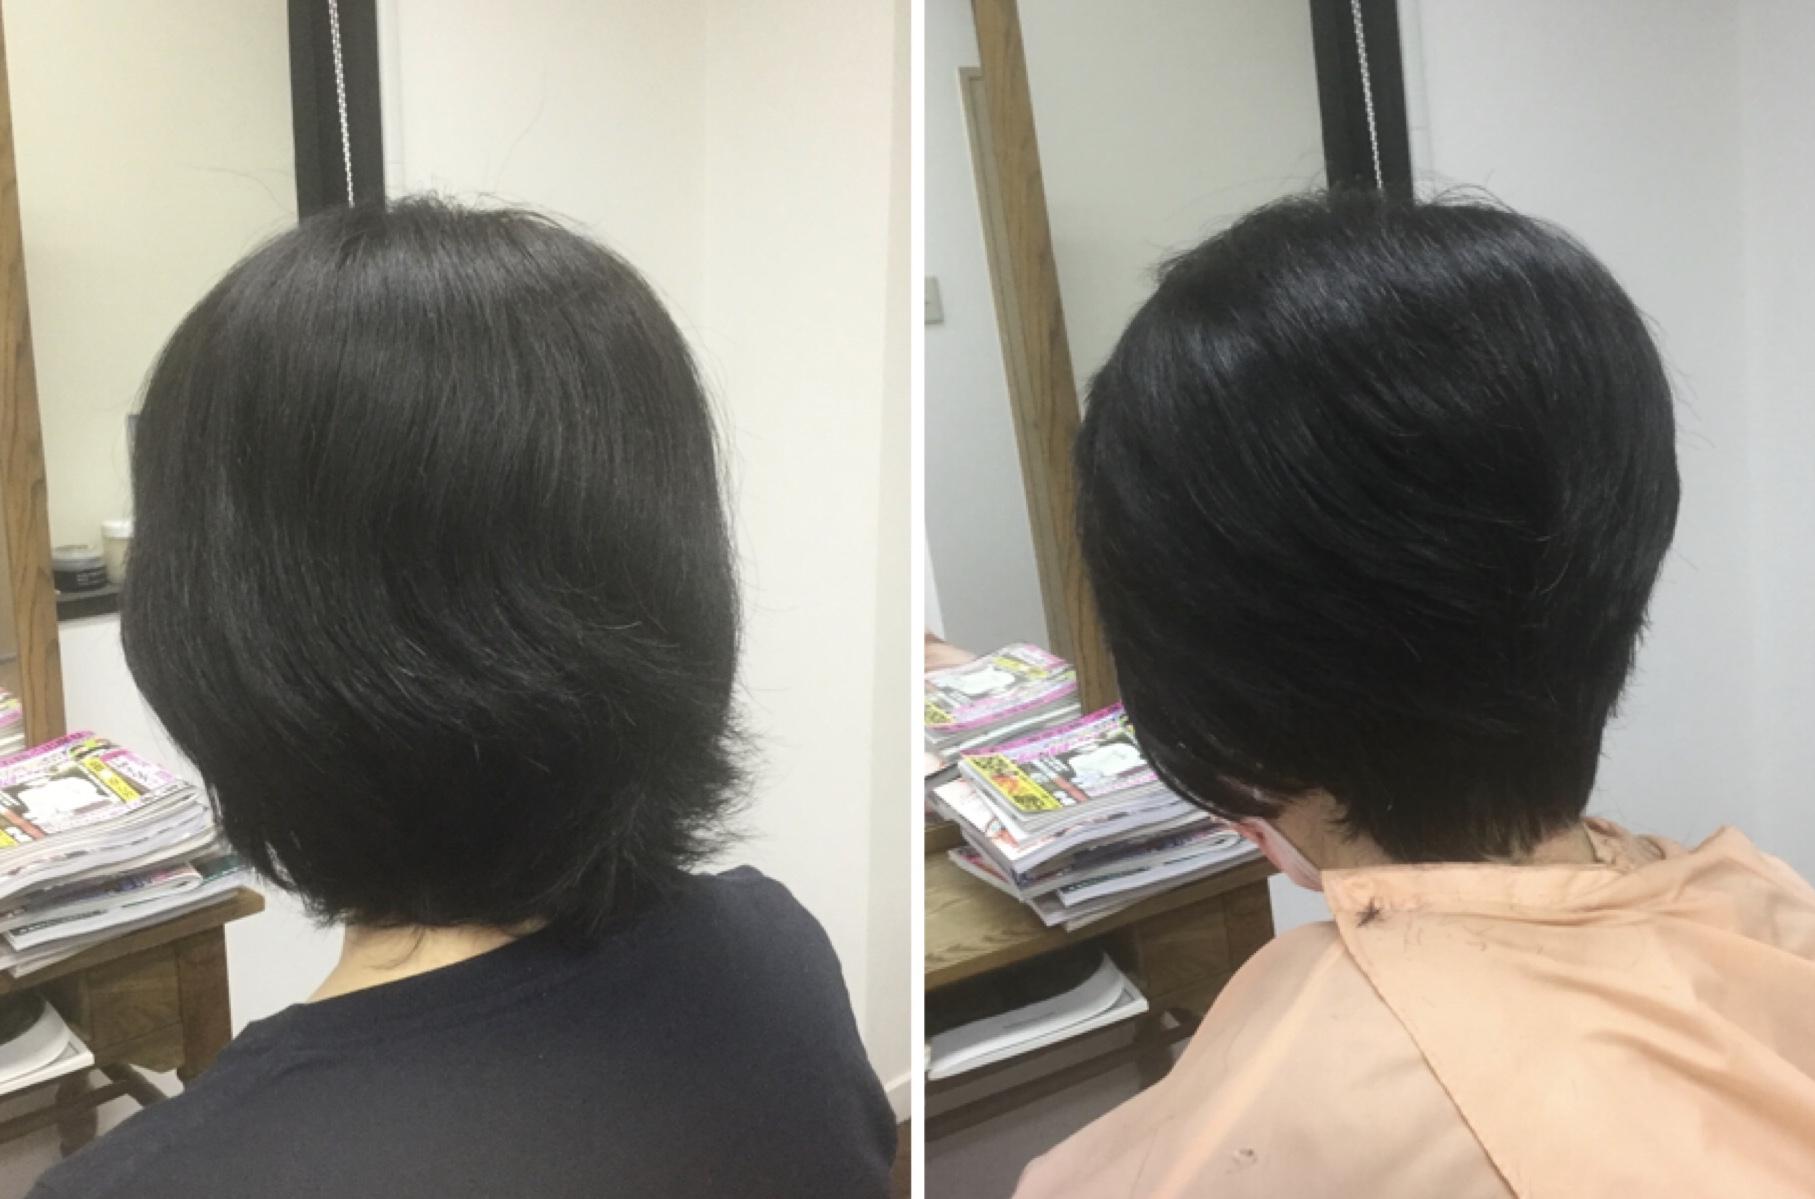 くせ毛多毛でも梳かずに毎日を楽なスタイルにするキュビズムカットの神戸本山美容室アバディ